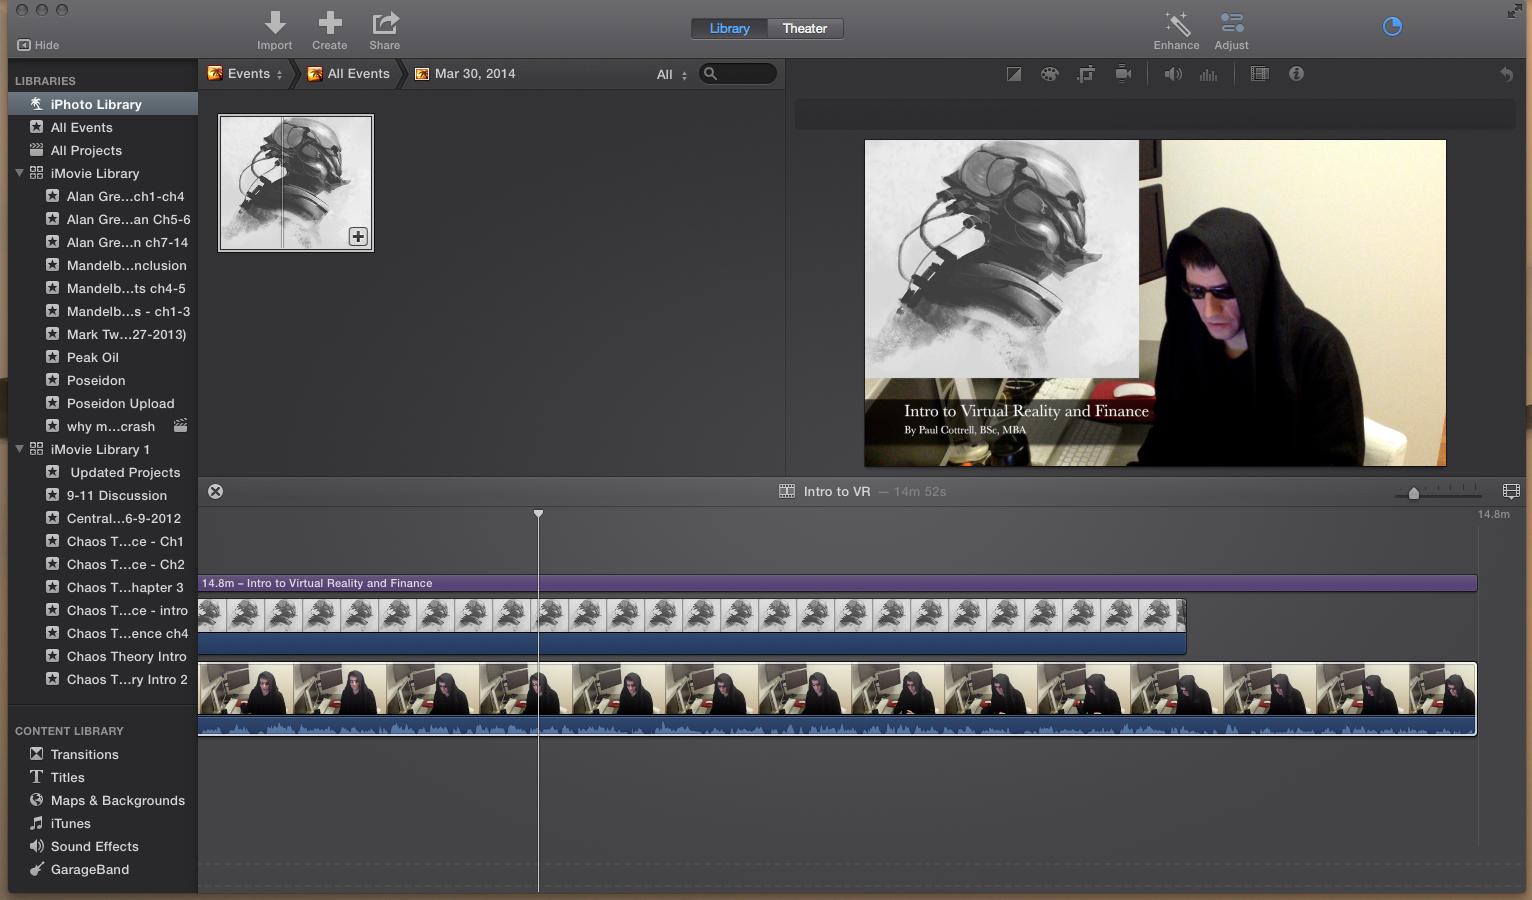 Imovie editing